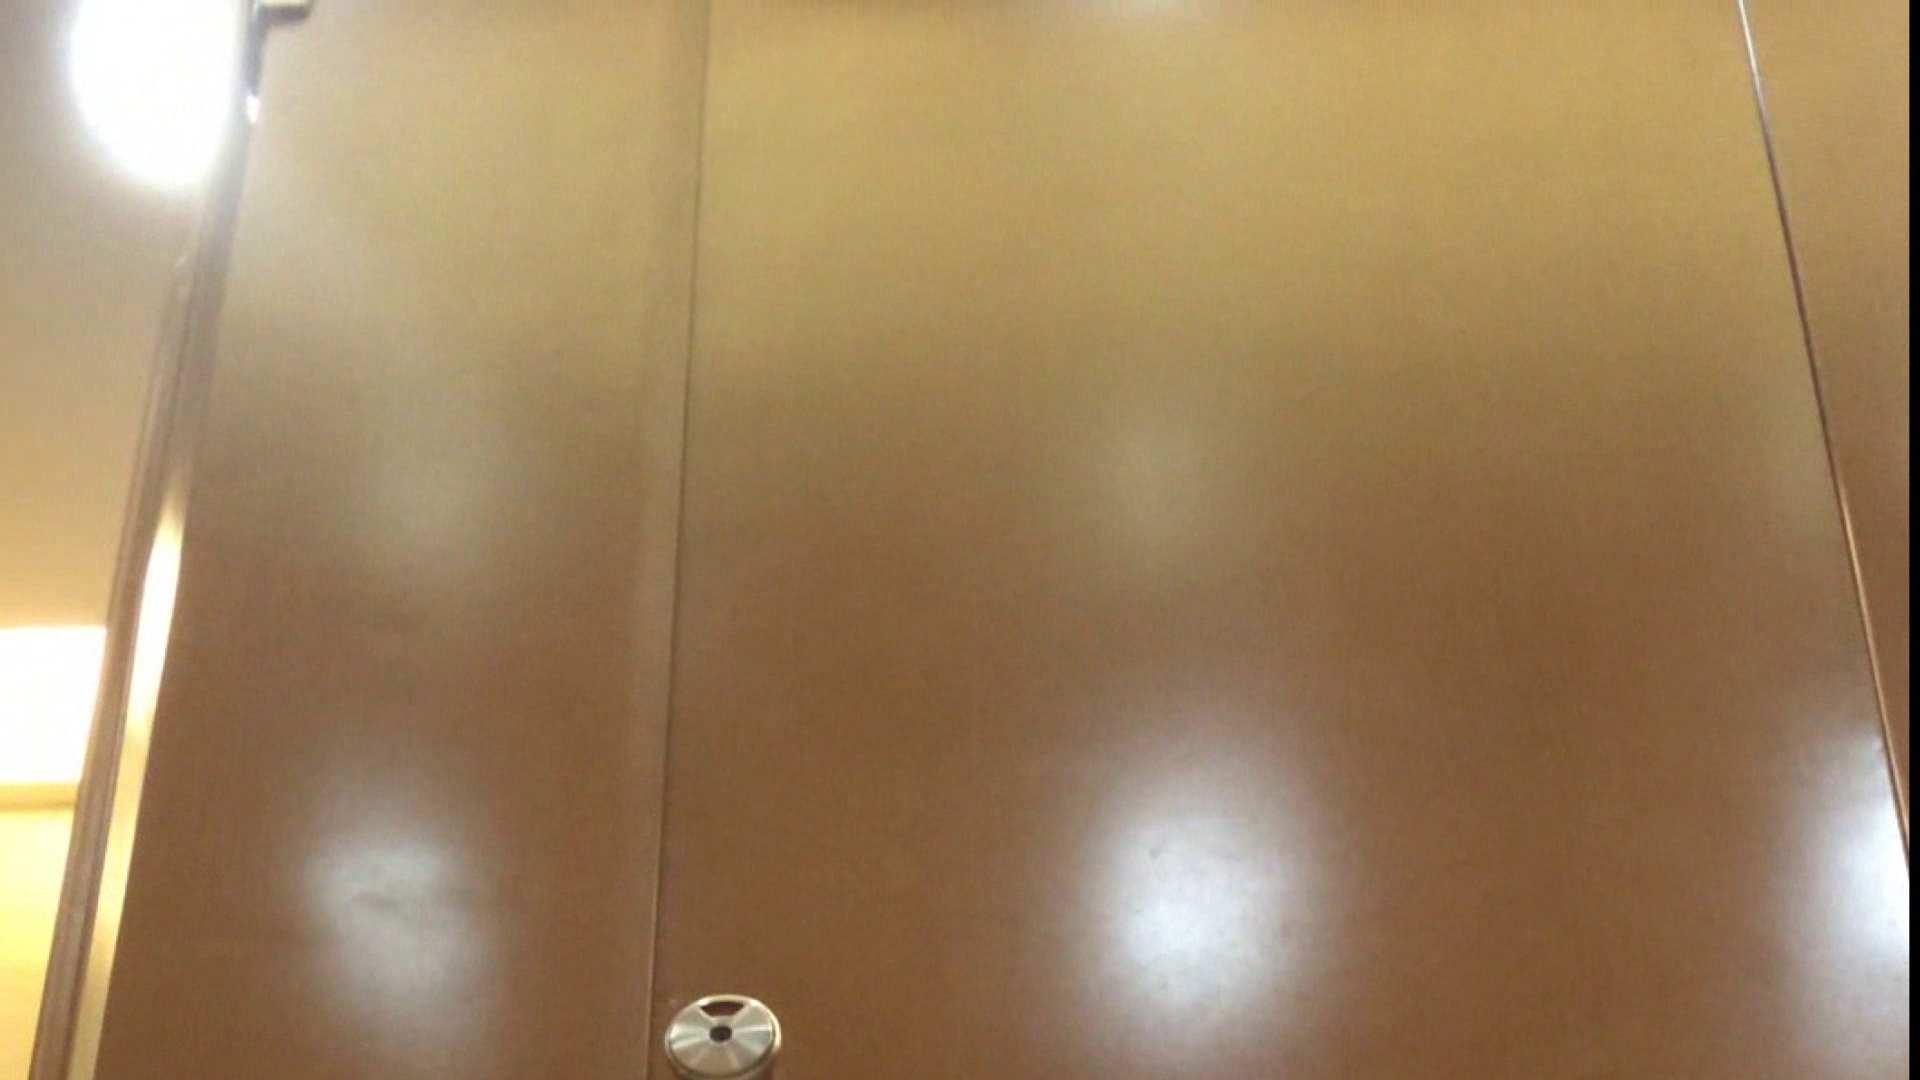 「噂」の国の厠観察日記2 Vol.01 美しいOLの裸体 | 厠隠し撮り  102pic 16